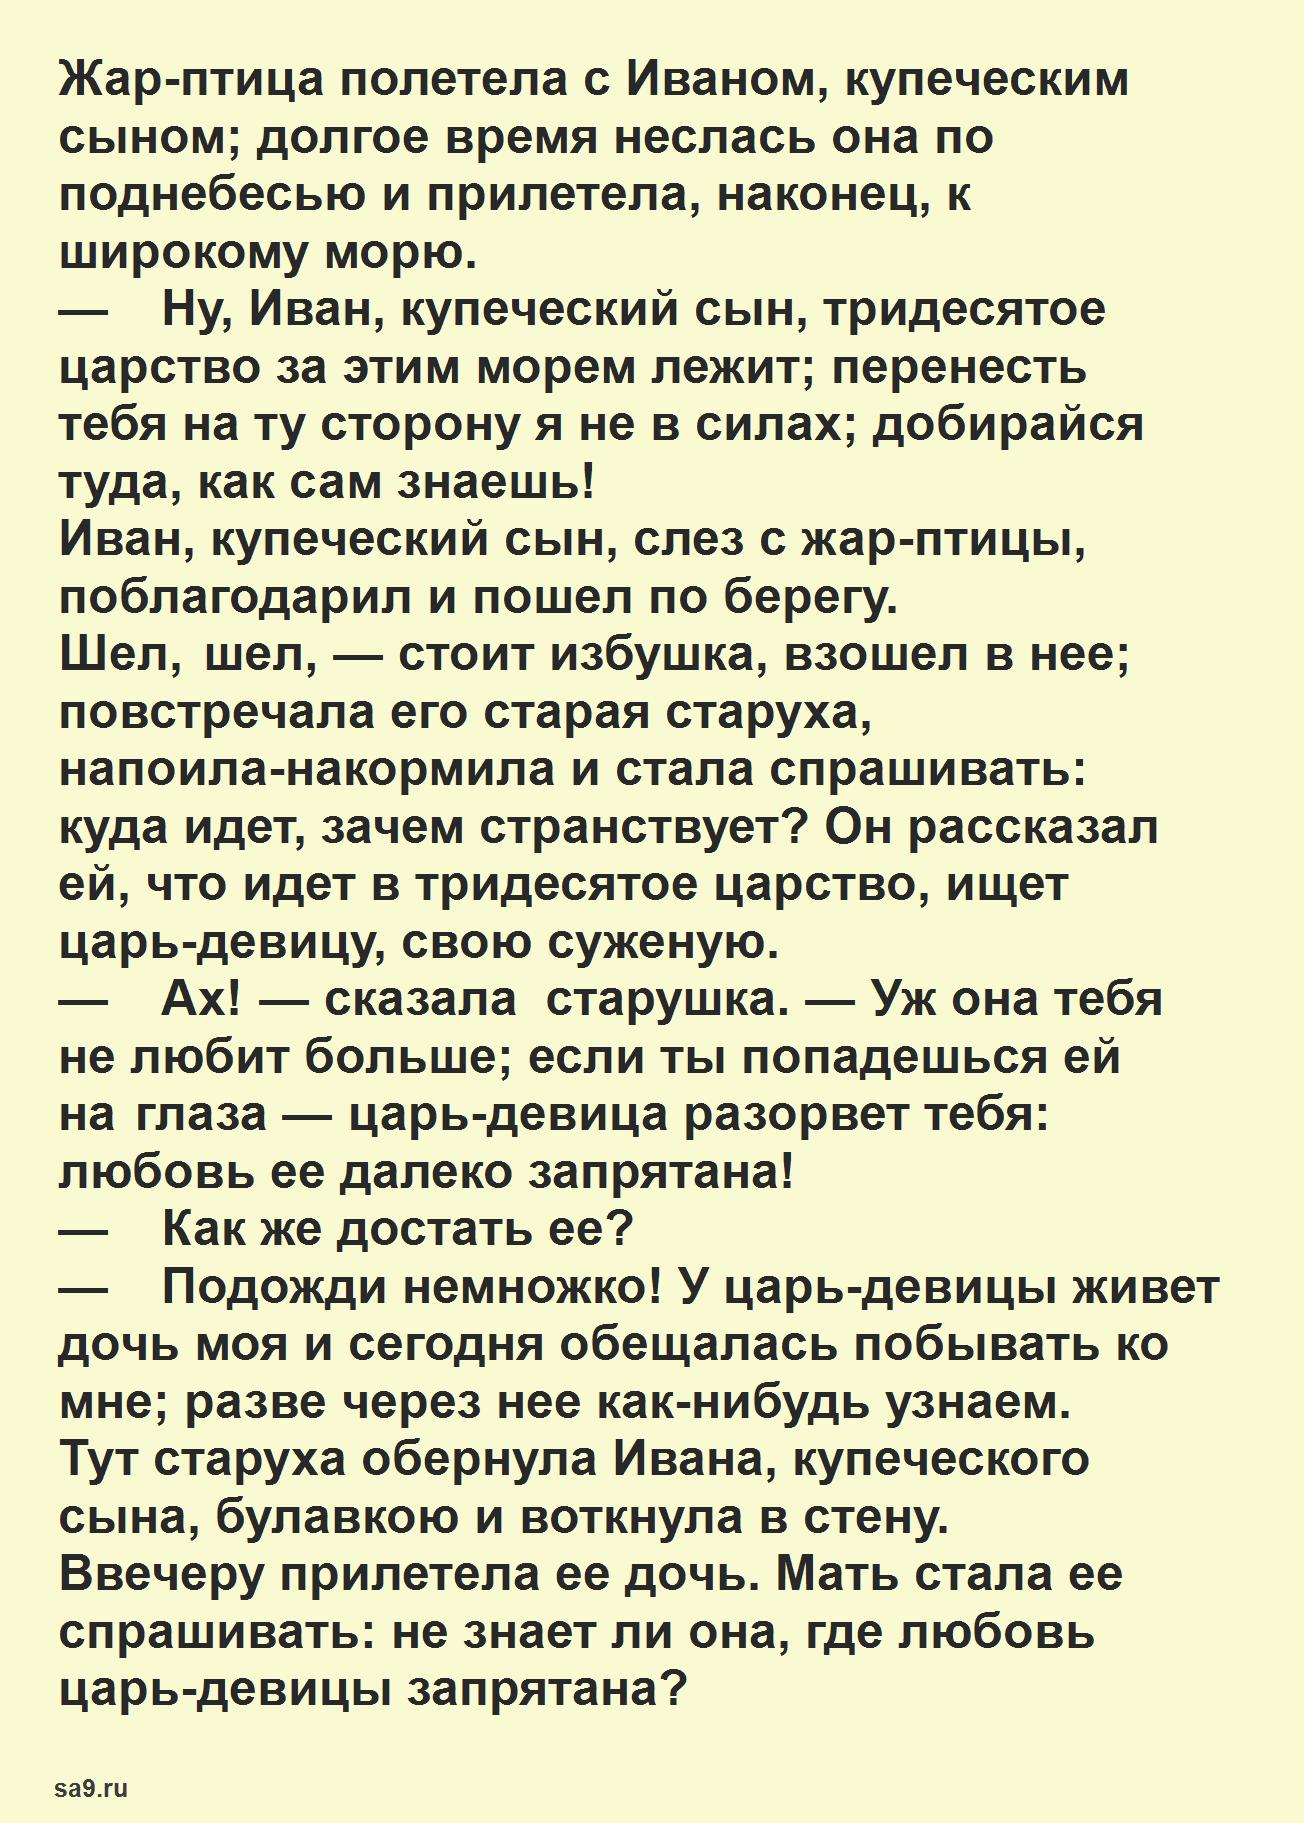 Русская народная сказка для детей – Царь девица